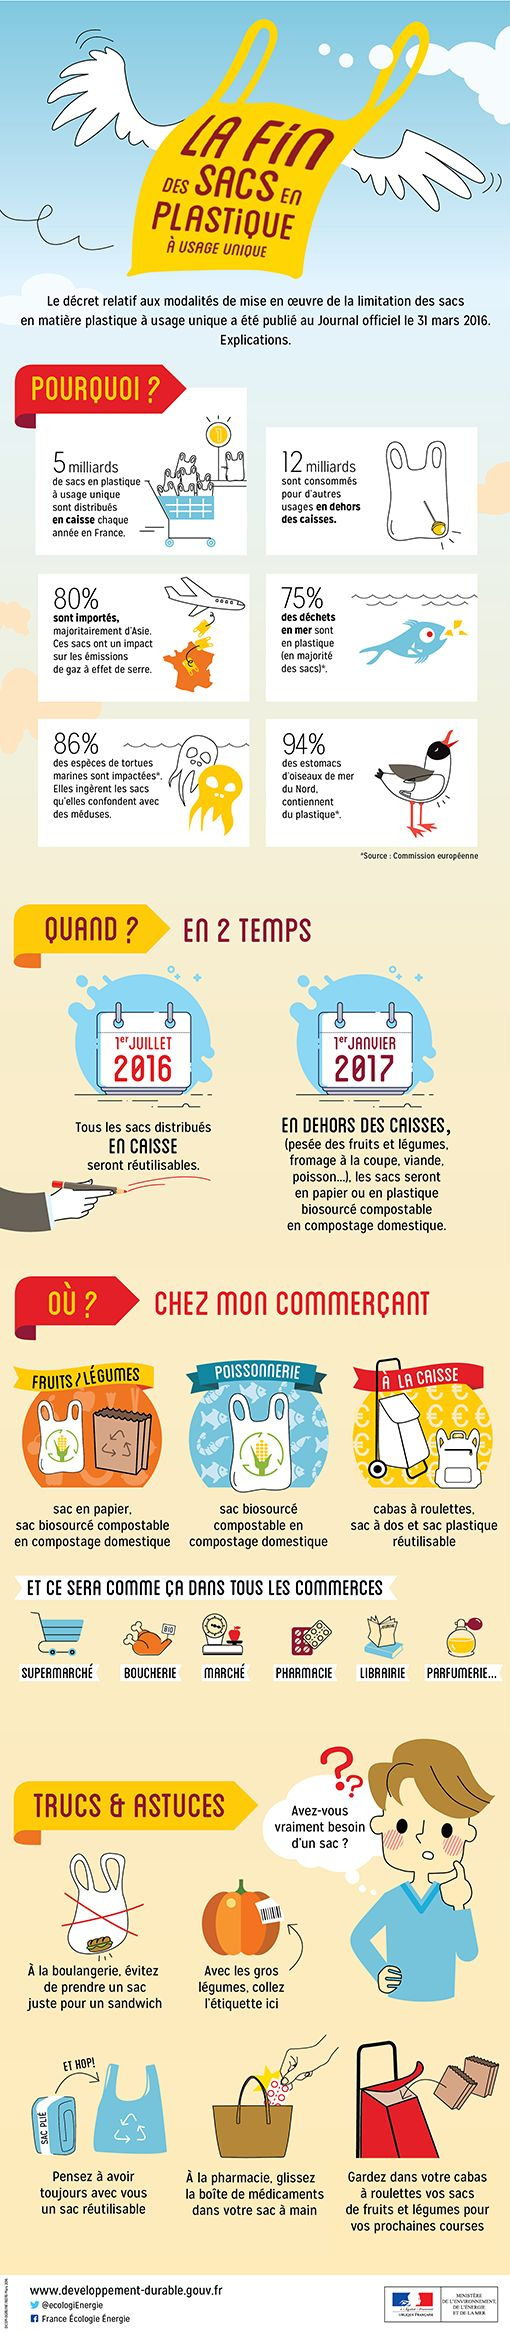 Infographie : la fin des sacs en plastique à usage unique - Ministère de l'Environnement, de l'Energie et de la Mer